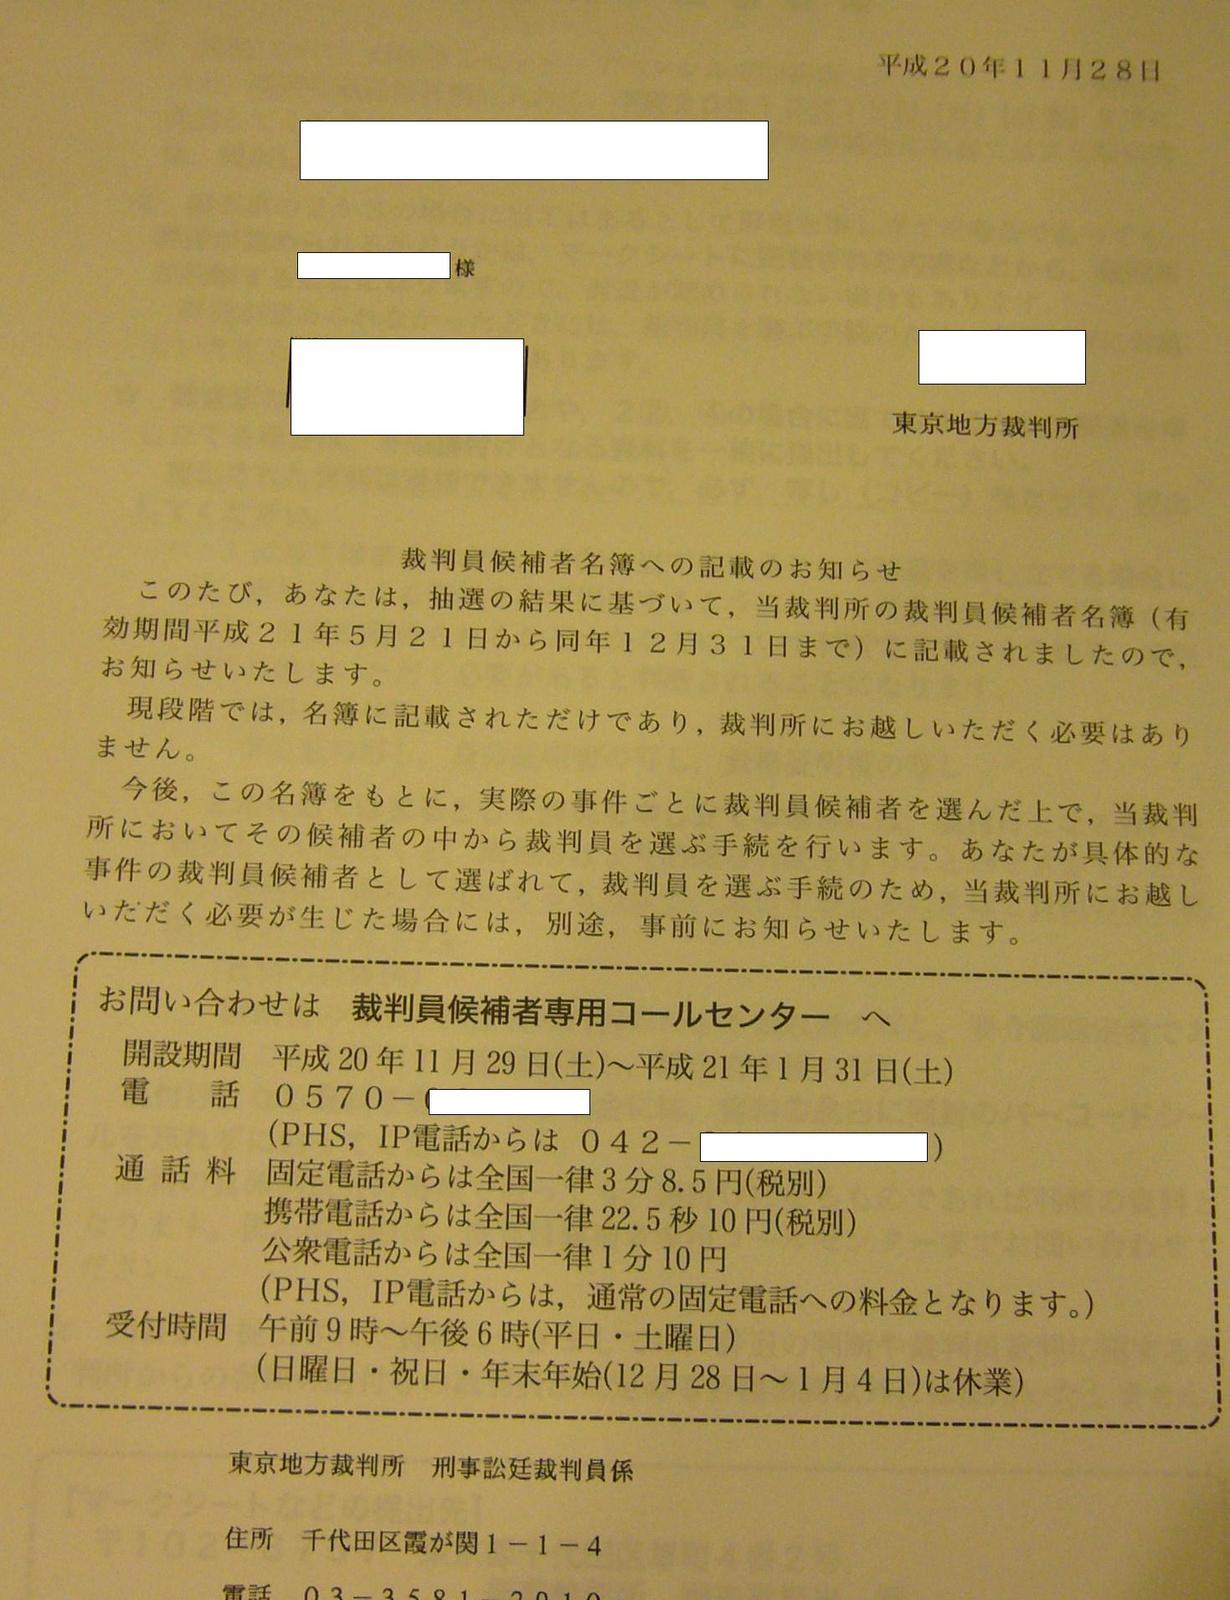 今井亮一の交通違反バカ一代!: ...